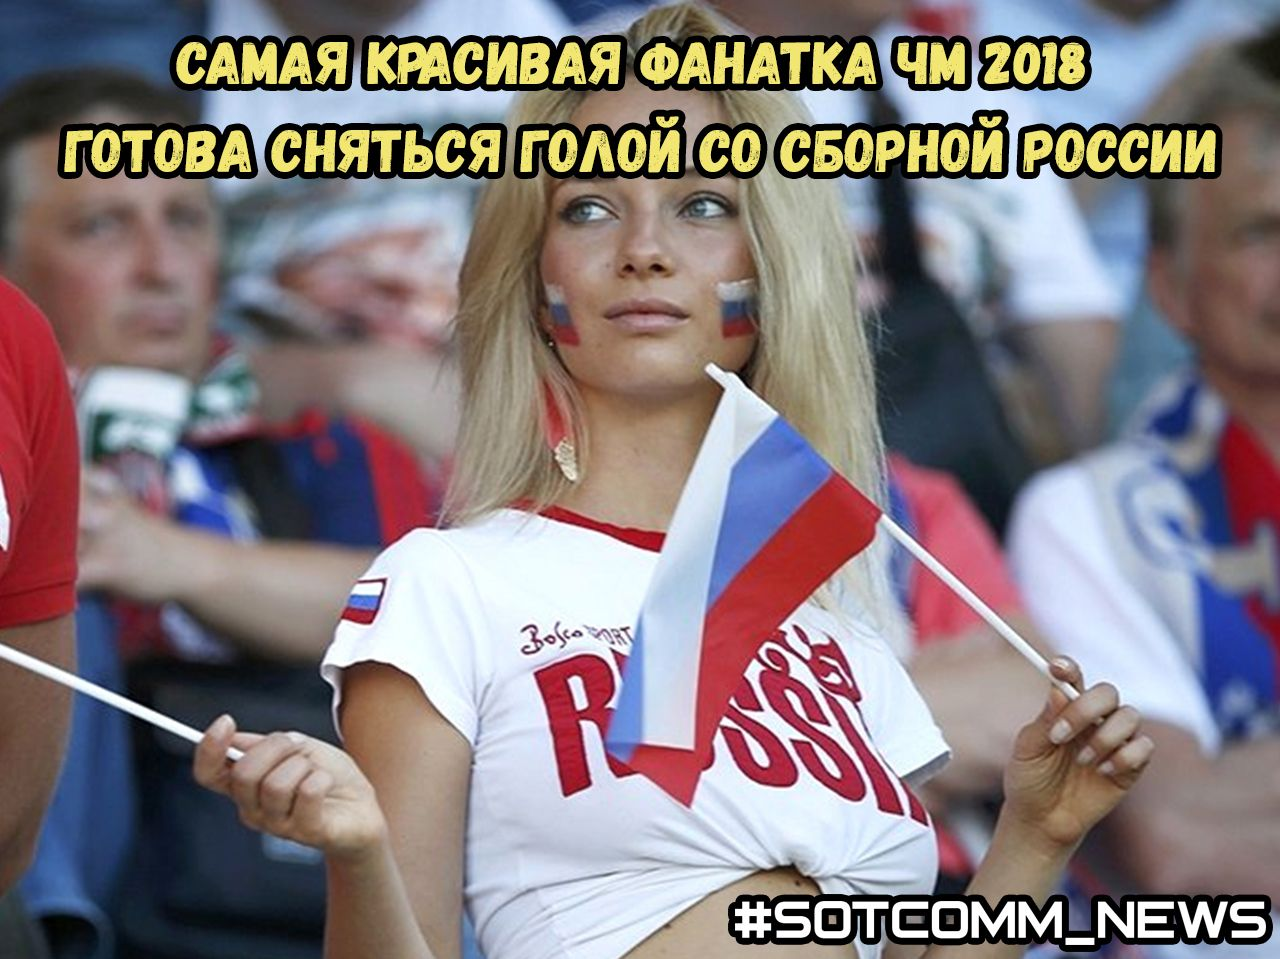 Русская модель на чемпионате мира: фото, инстаграм. Футбол